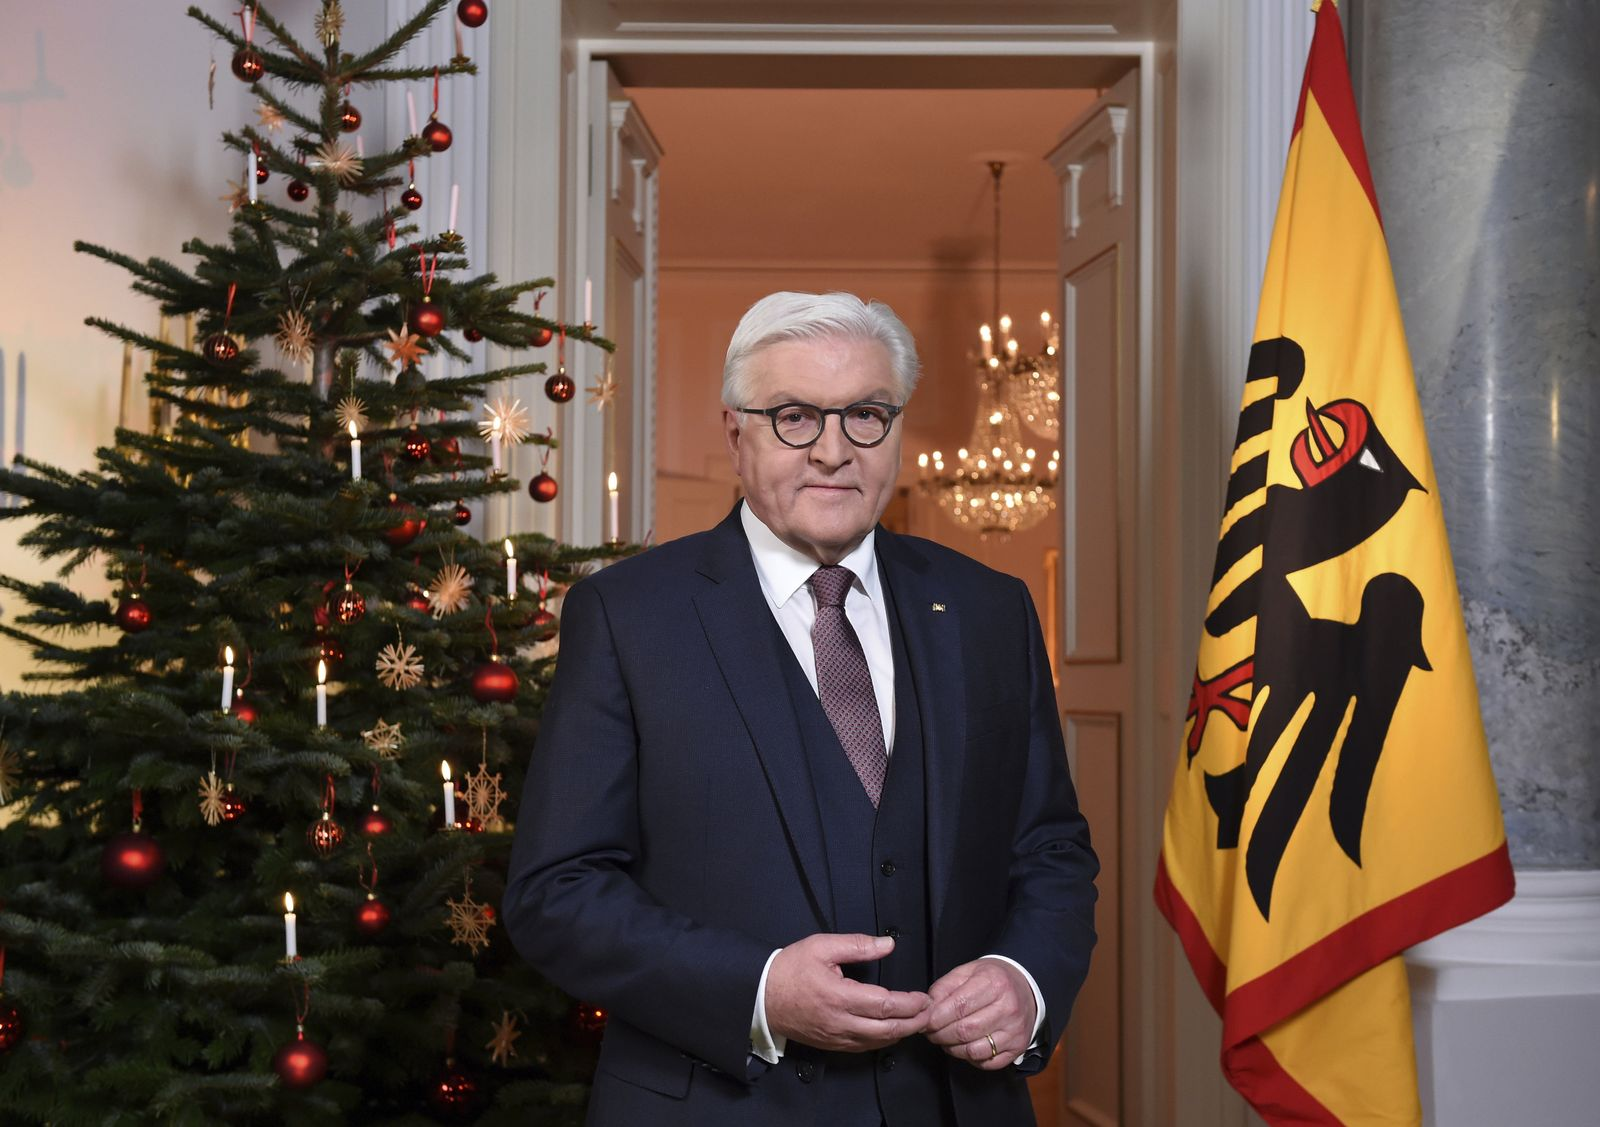 Präsident Steinmeier